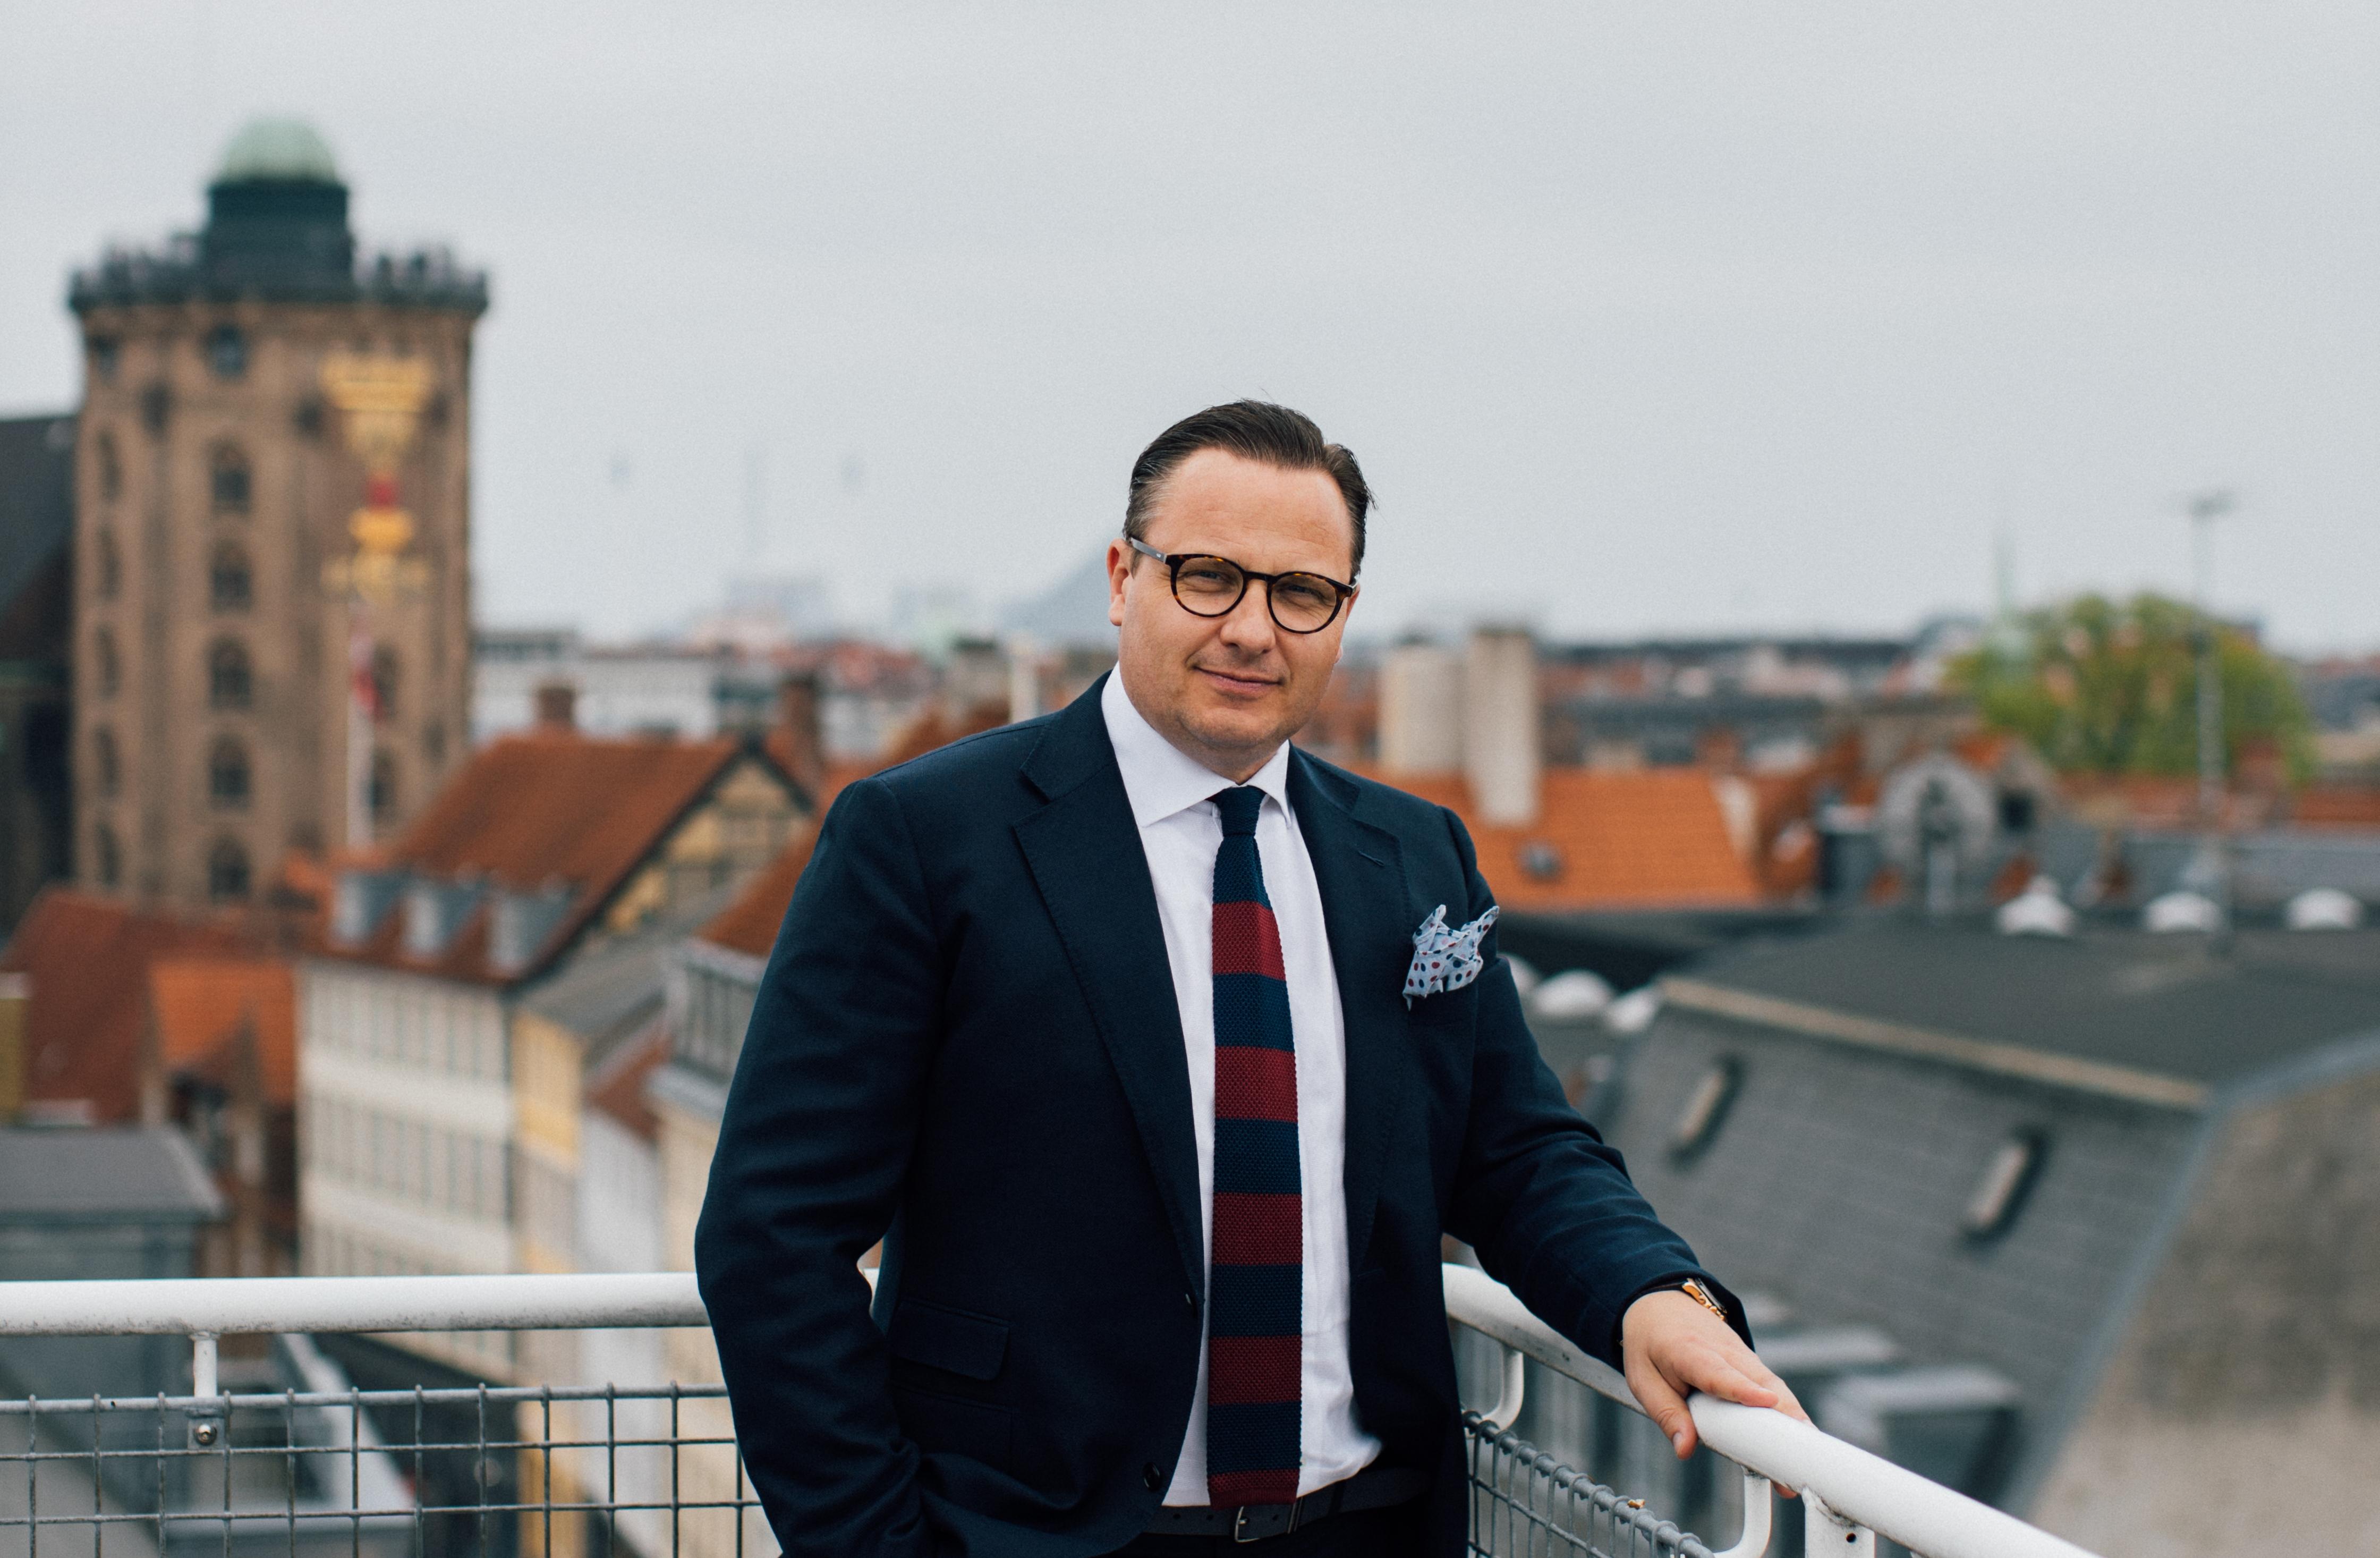 Den nye formand for Hotelnetværket i Dansk Erhverv er hoteldirektør Jesper Stubgaard fra Hotel Skt. Petri i København. Foto: Nordic Choice Hotels.